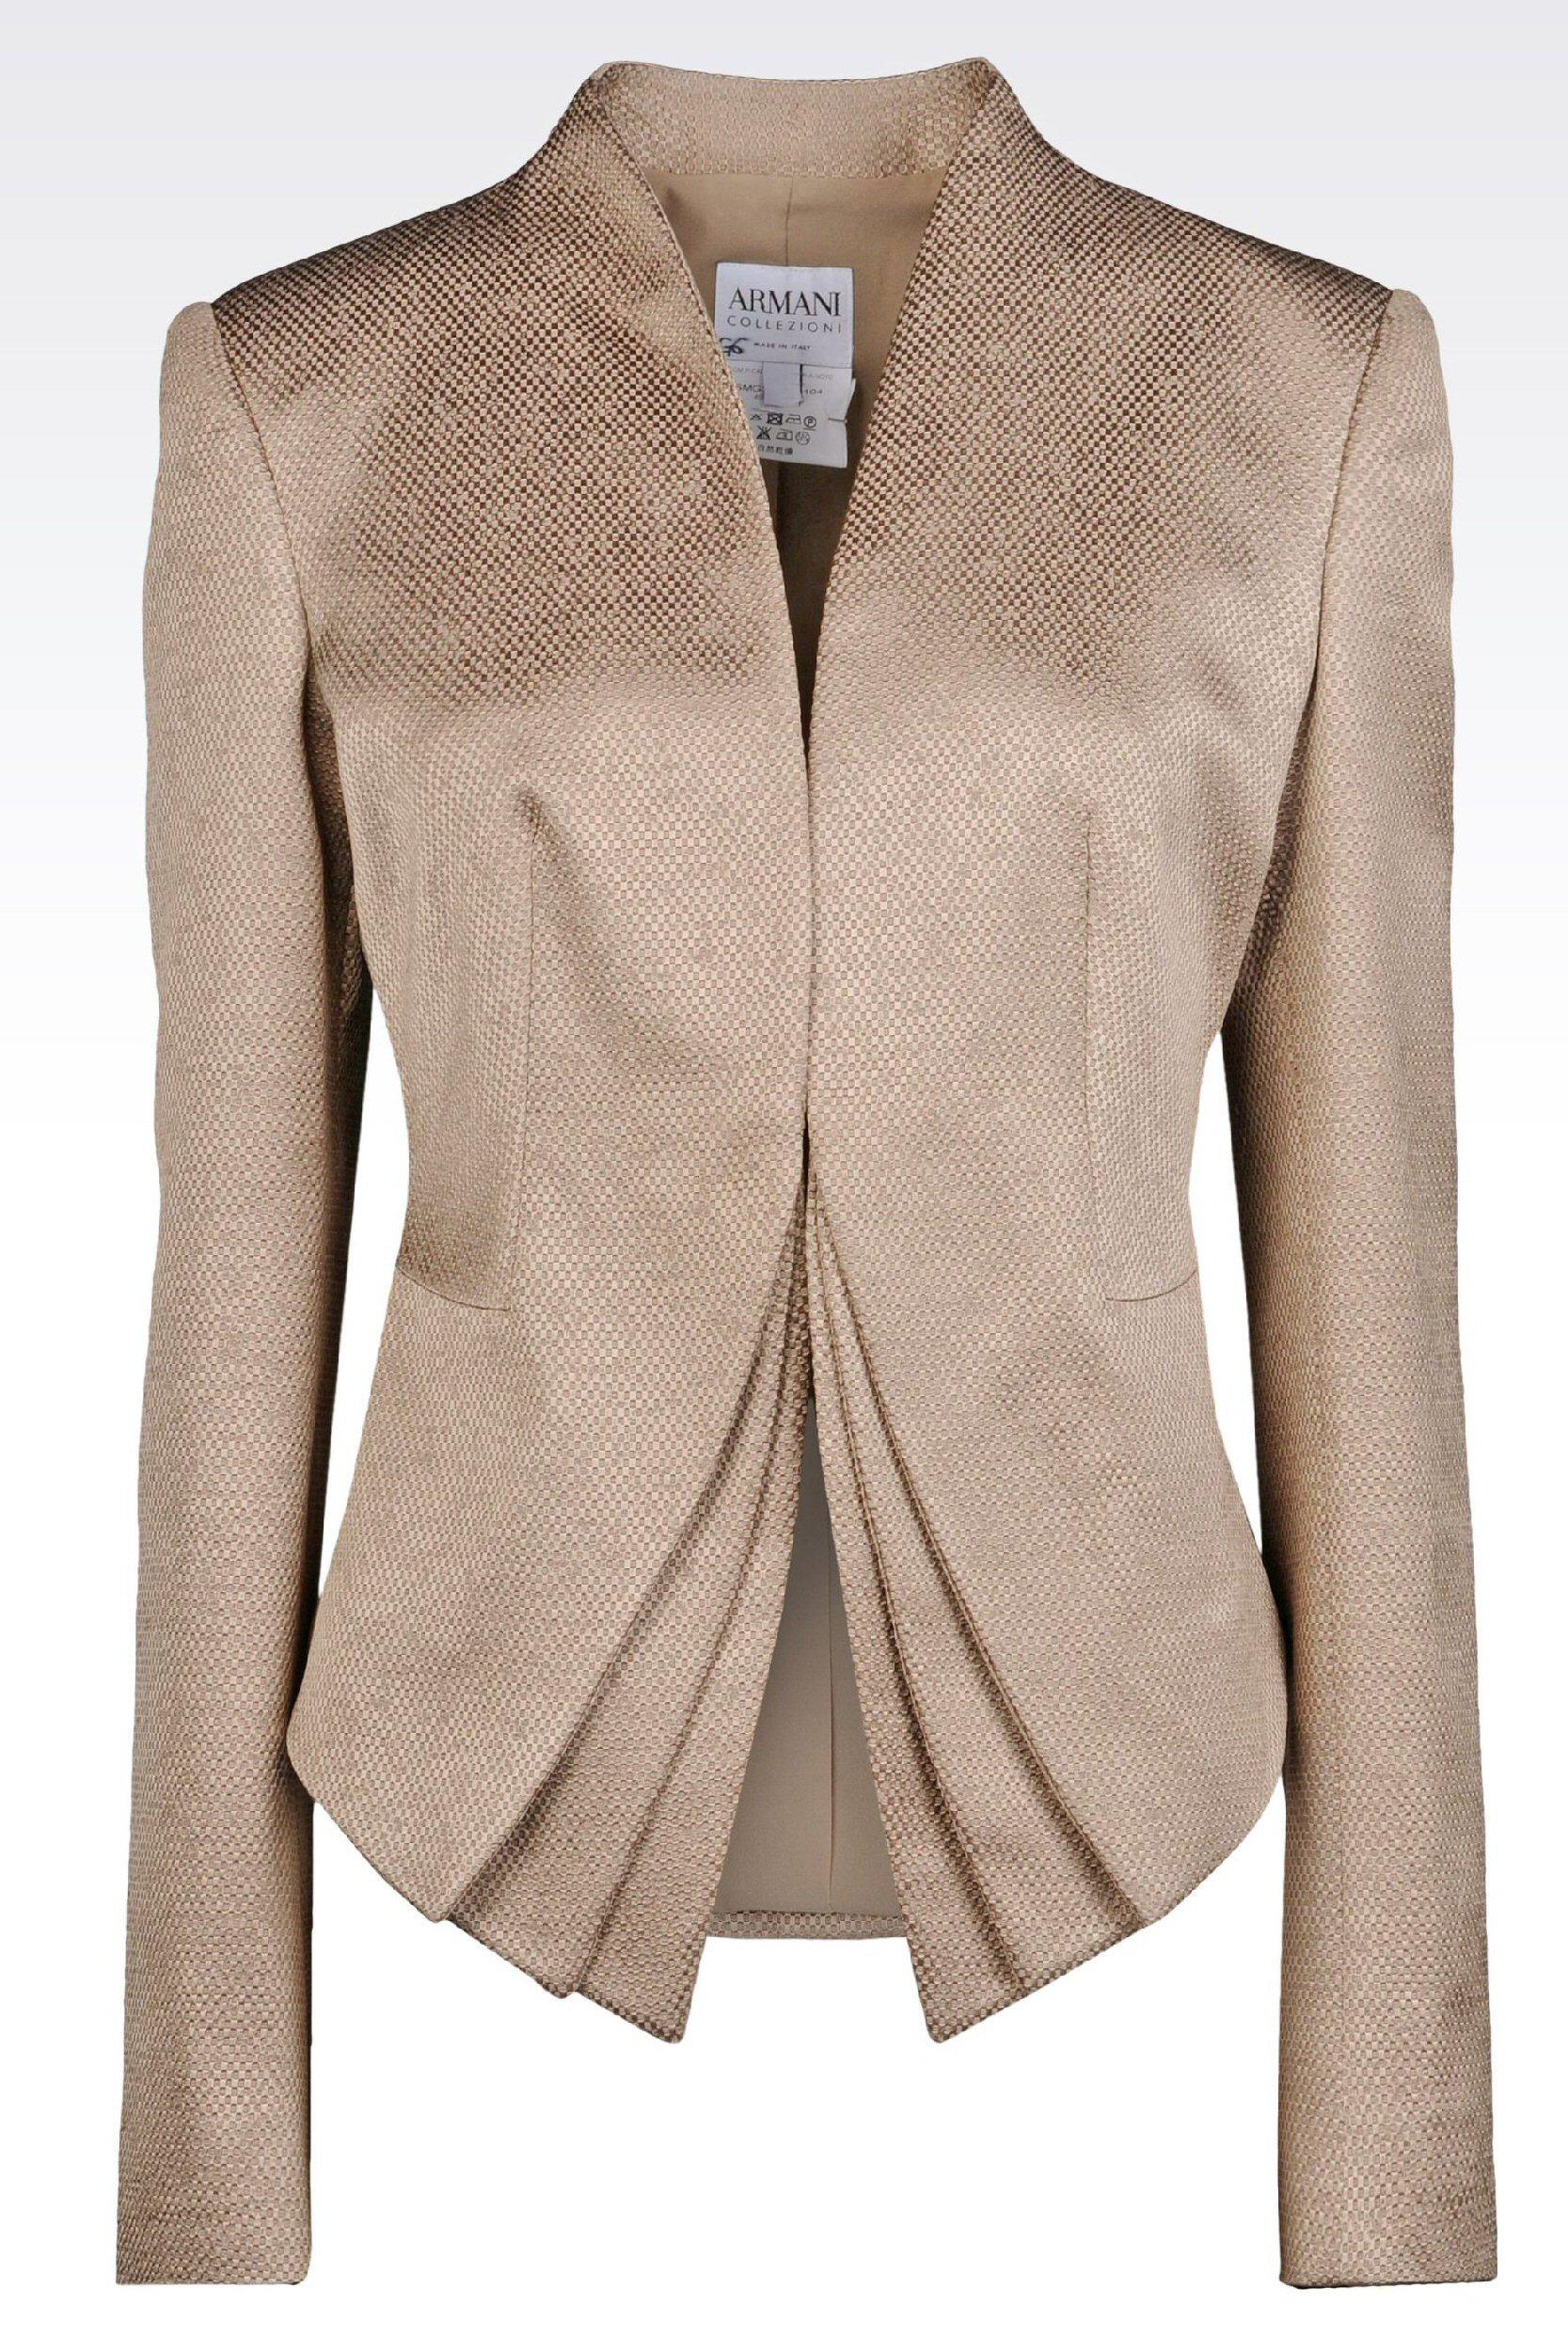 Armani Workwear 16-51